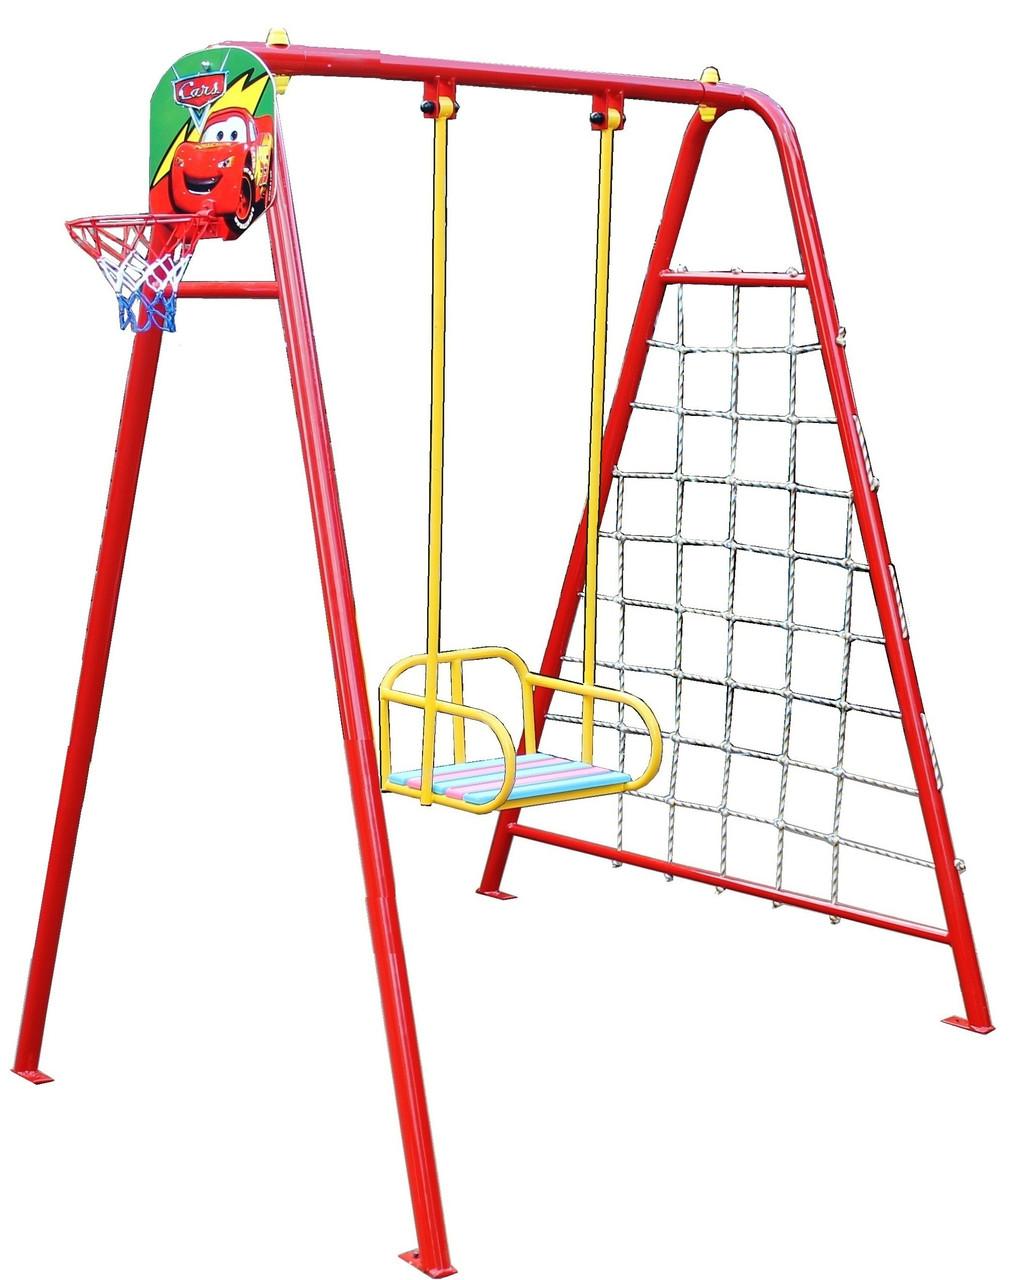 Гойдалки дитячі вуличні(4 в 1 : гойдалки, гладіаторська сітка, баскетбольне кільце, дартс)